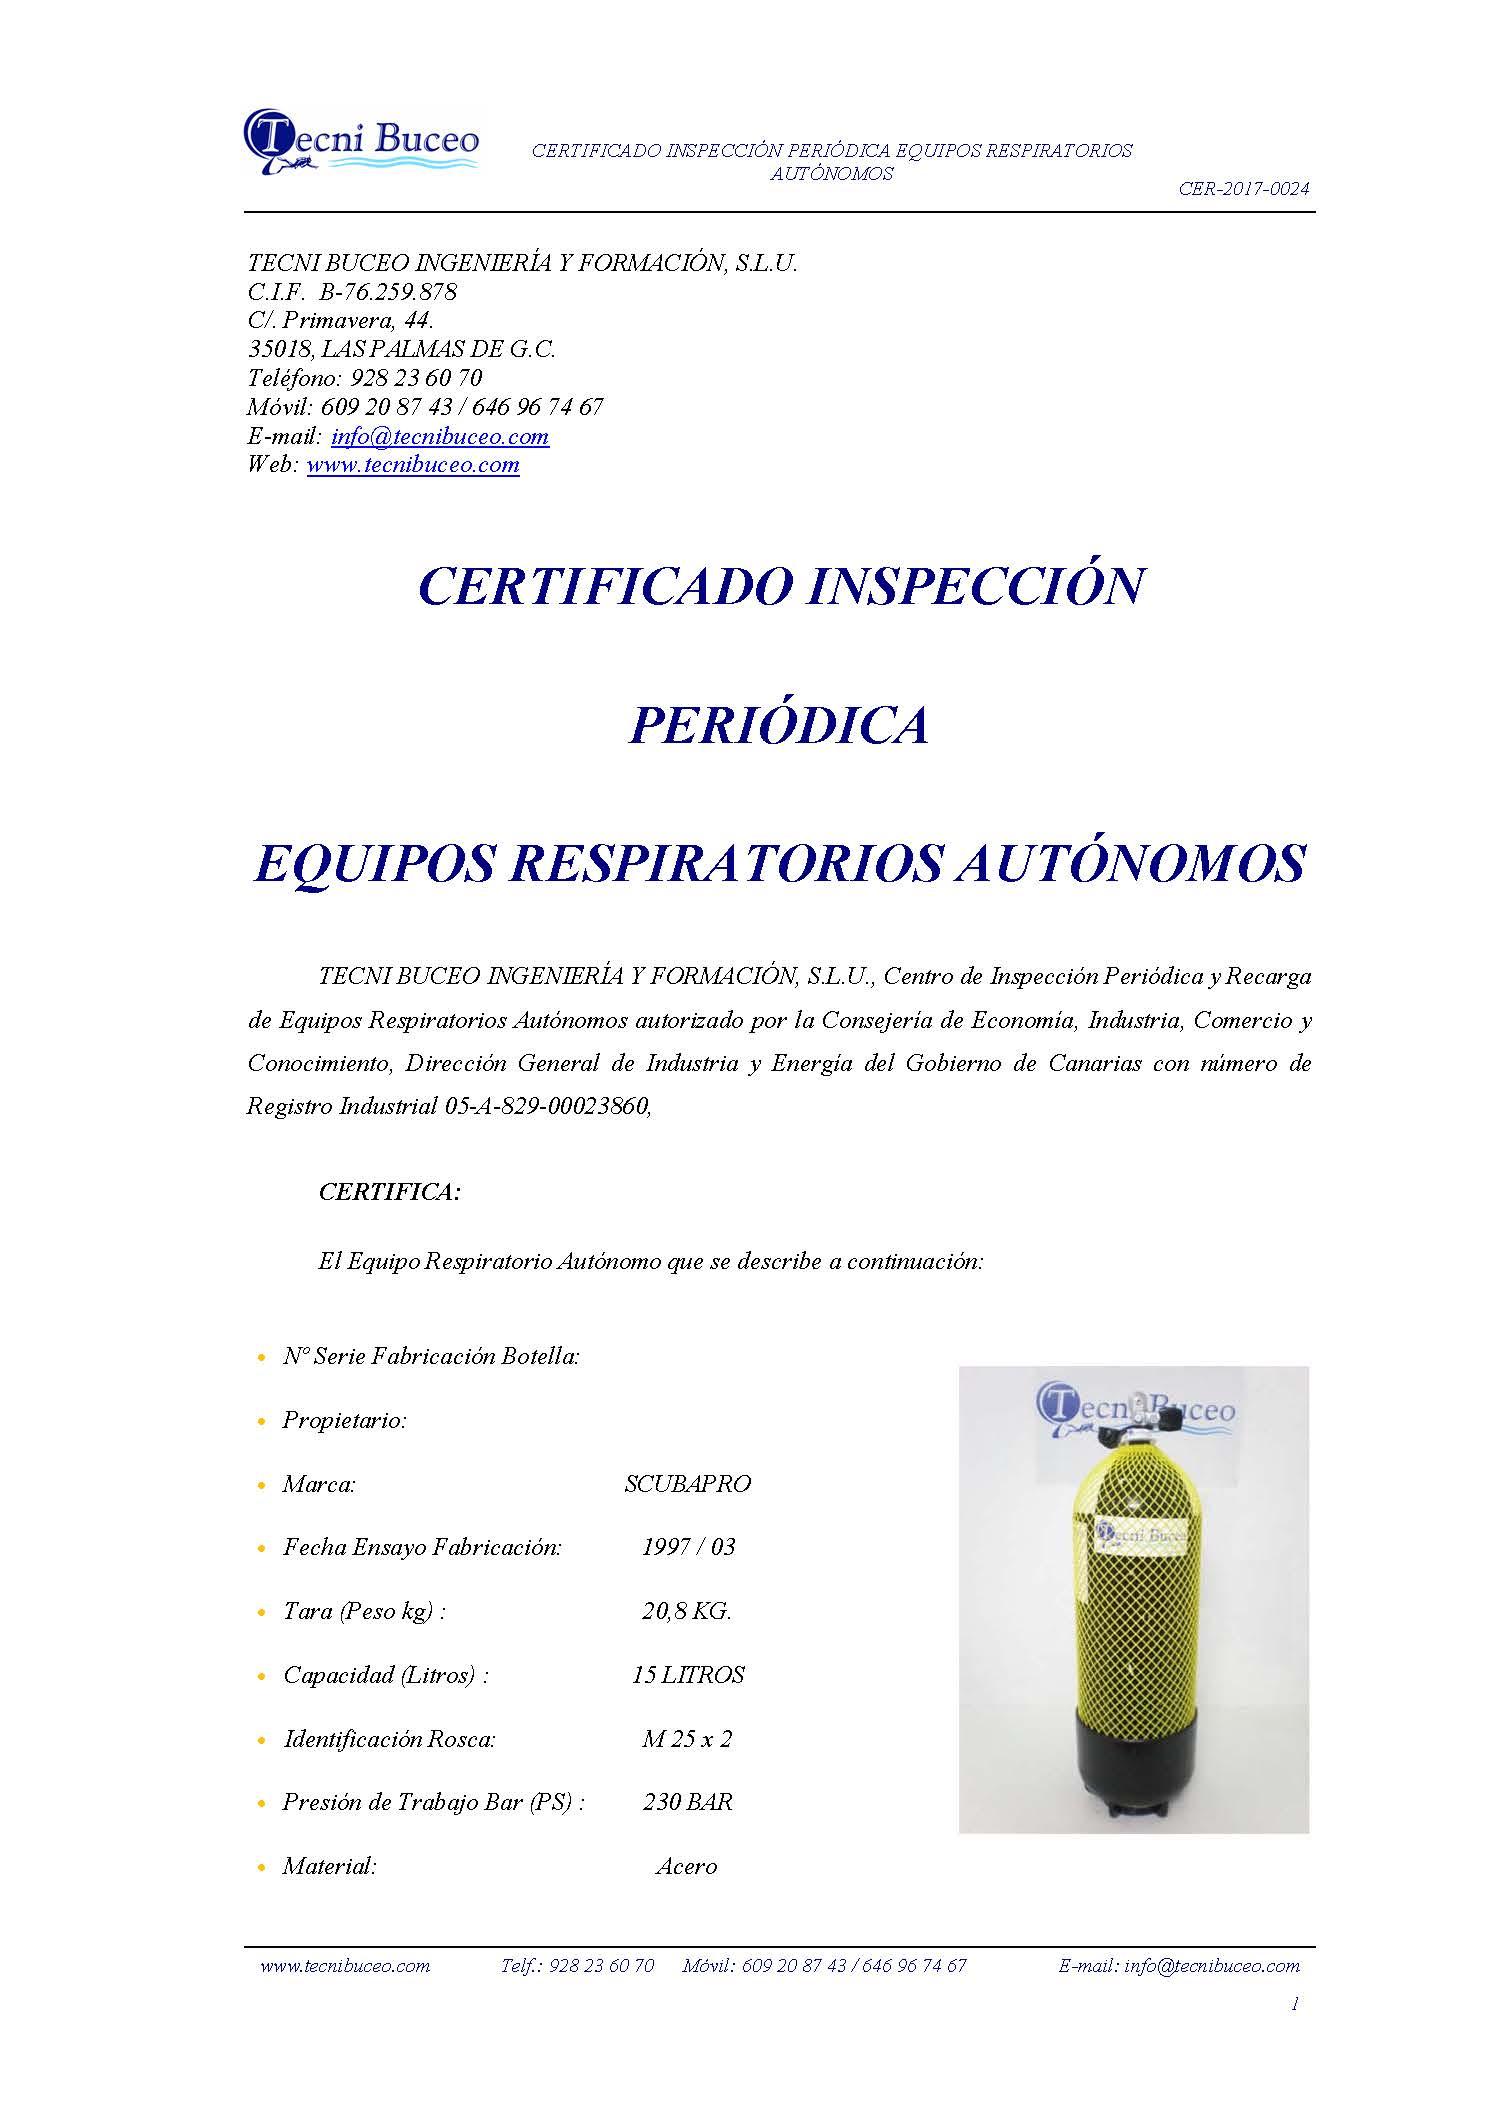 Ejemplo Certificado Inspección Periódica Botella Buceo Tecni Buceo, S.L CER-2017-0024